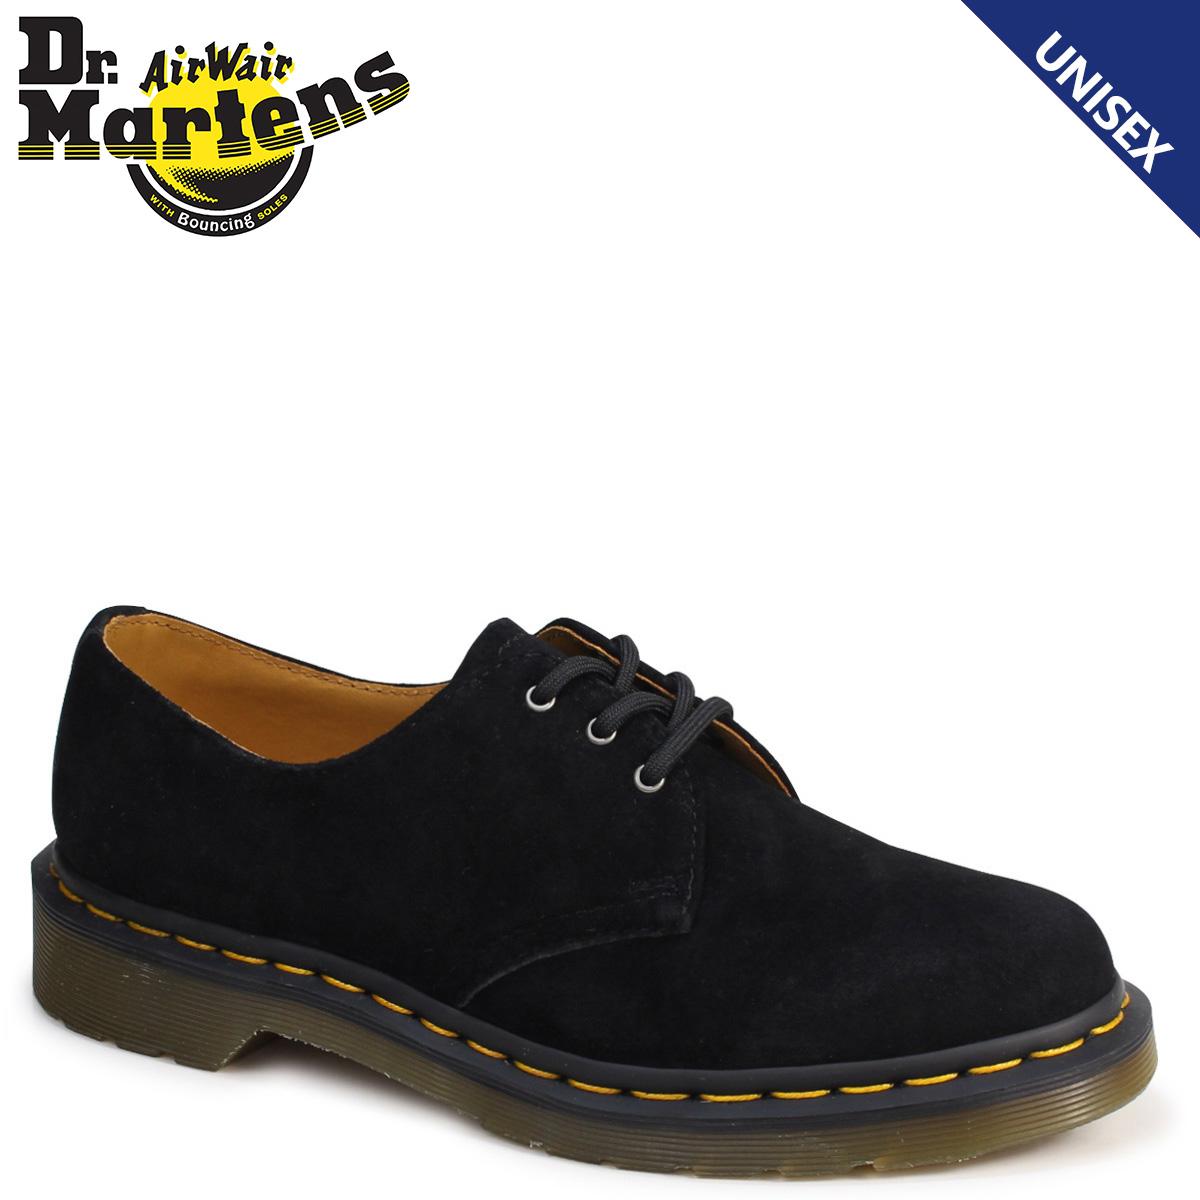 Dr.Martens 3ホール 1461 メンズ レディース ドクターマーチン オックスフォード シューズ 3EYELET SHOE R21471001 ブラック 黒